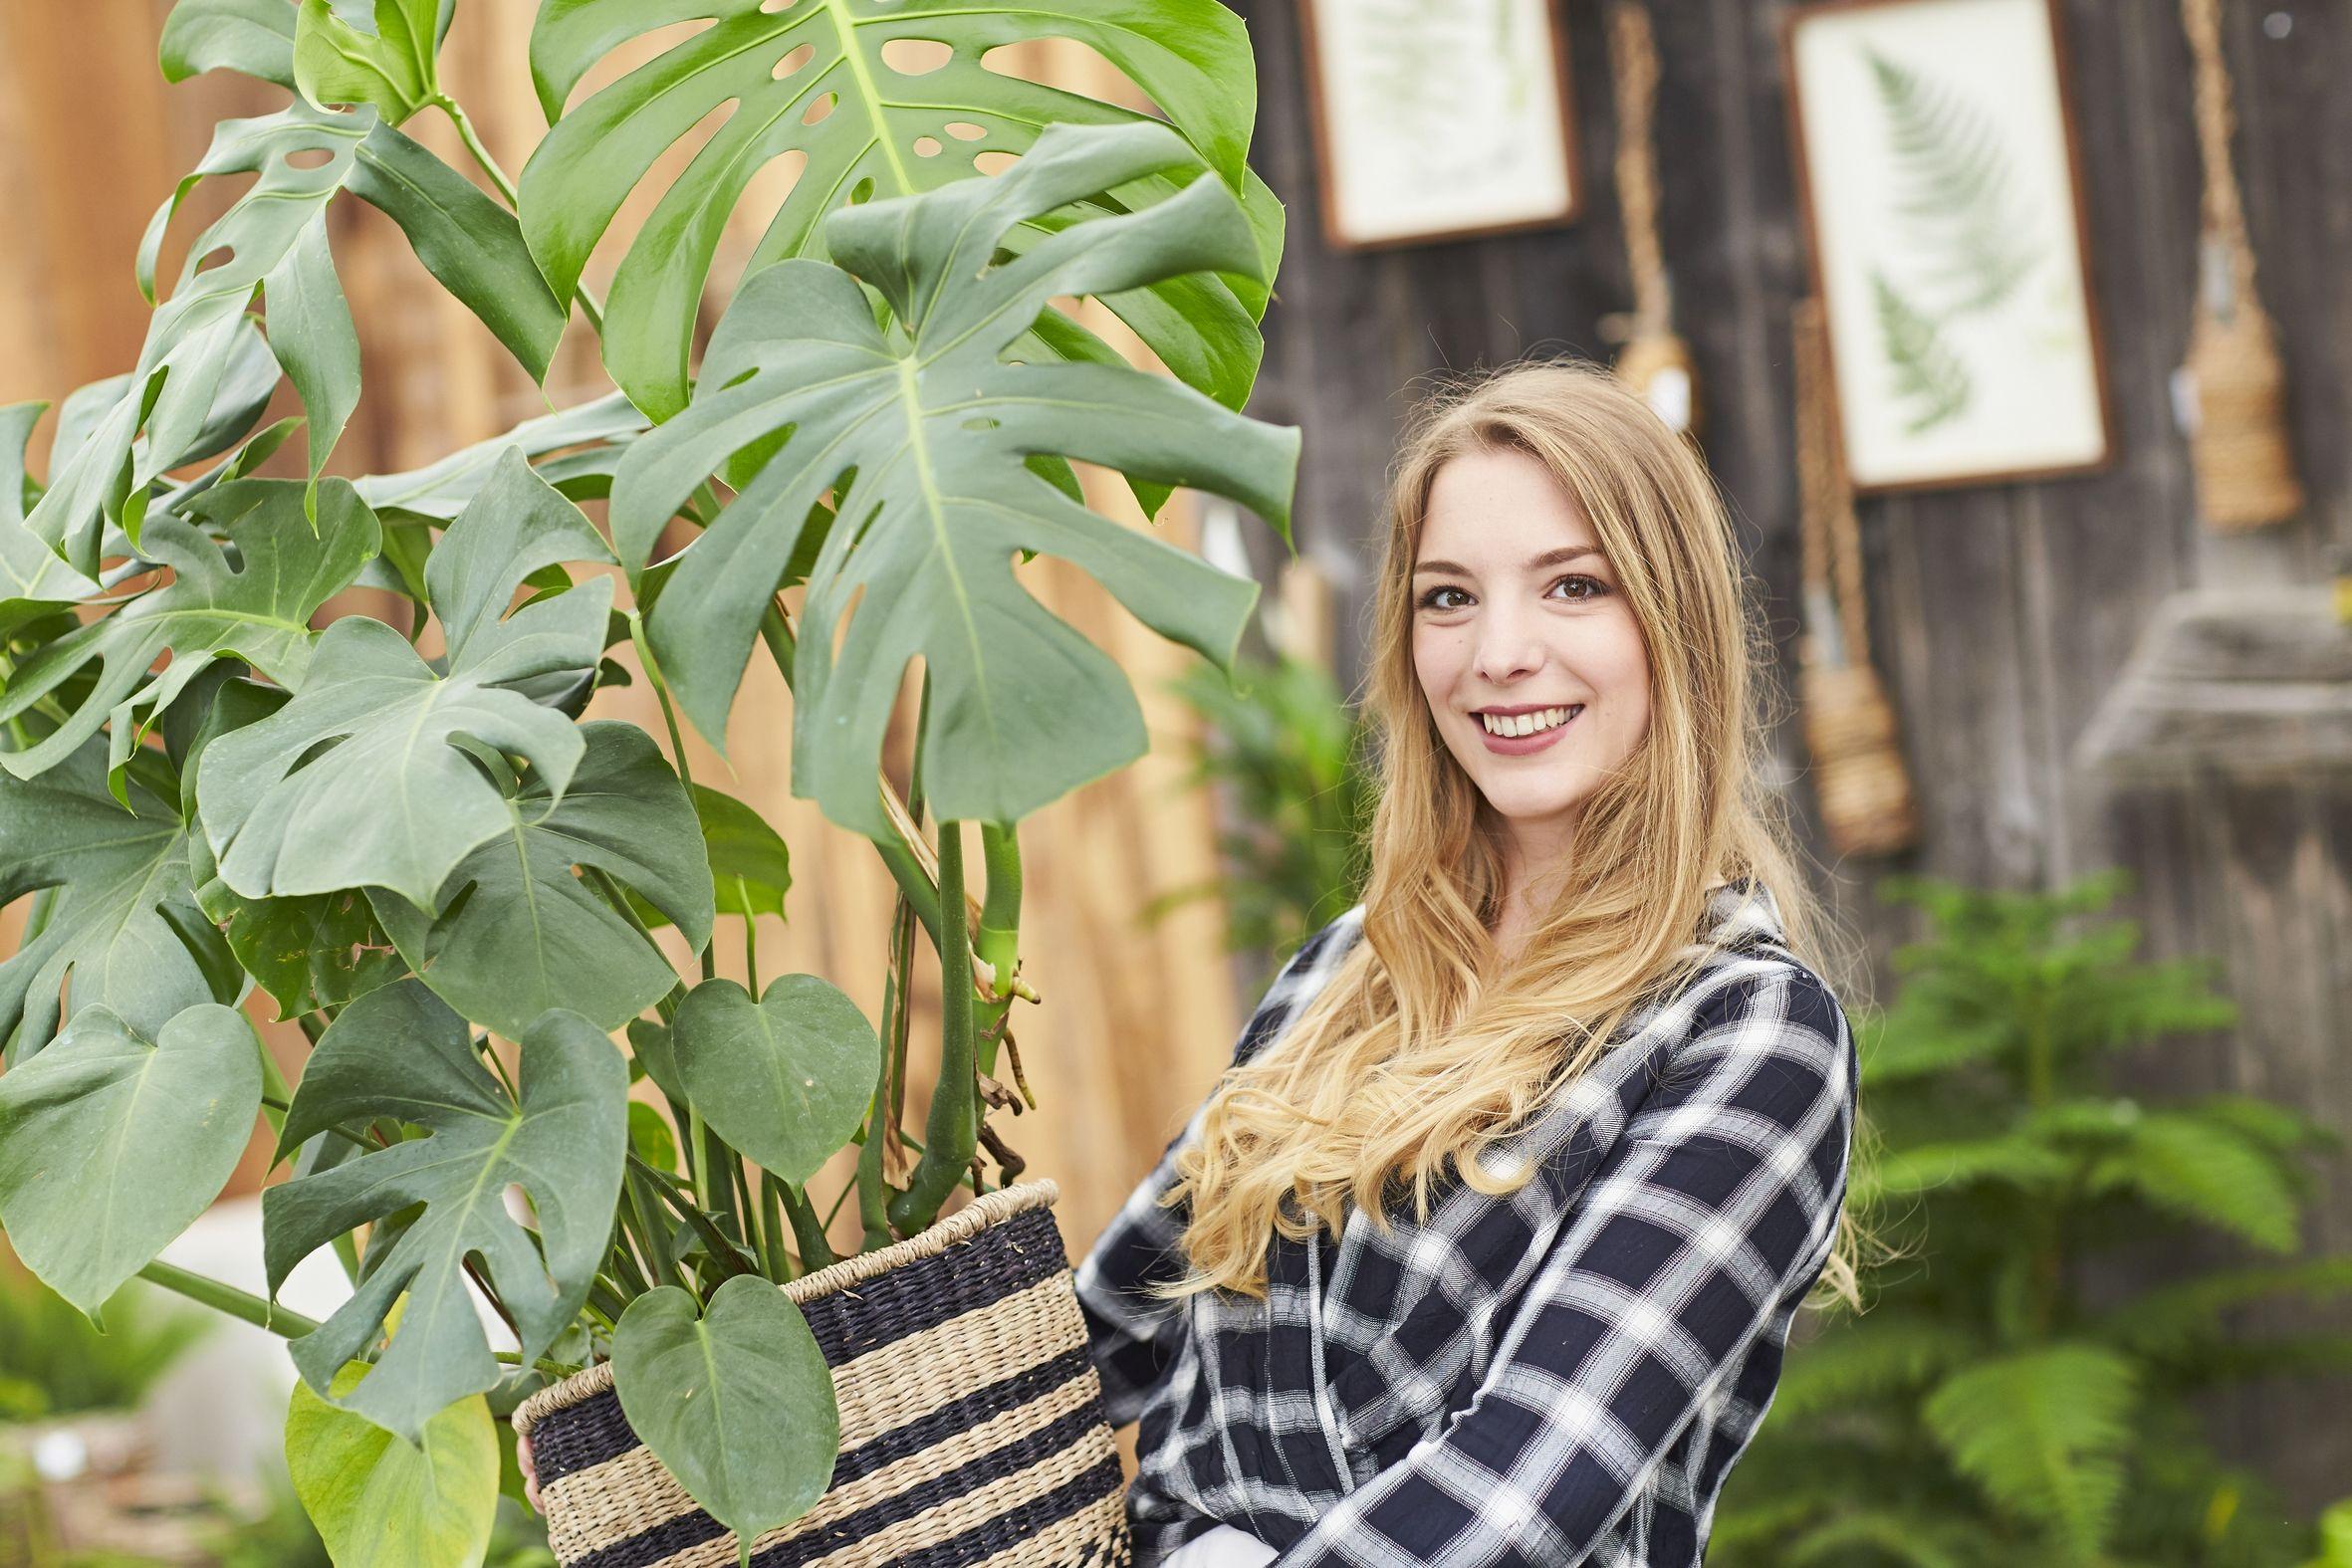 Natur für drinnen: Mit Zimmerpflanzen lebt es sich besser!